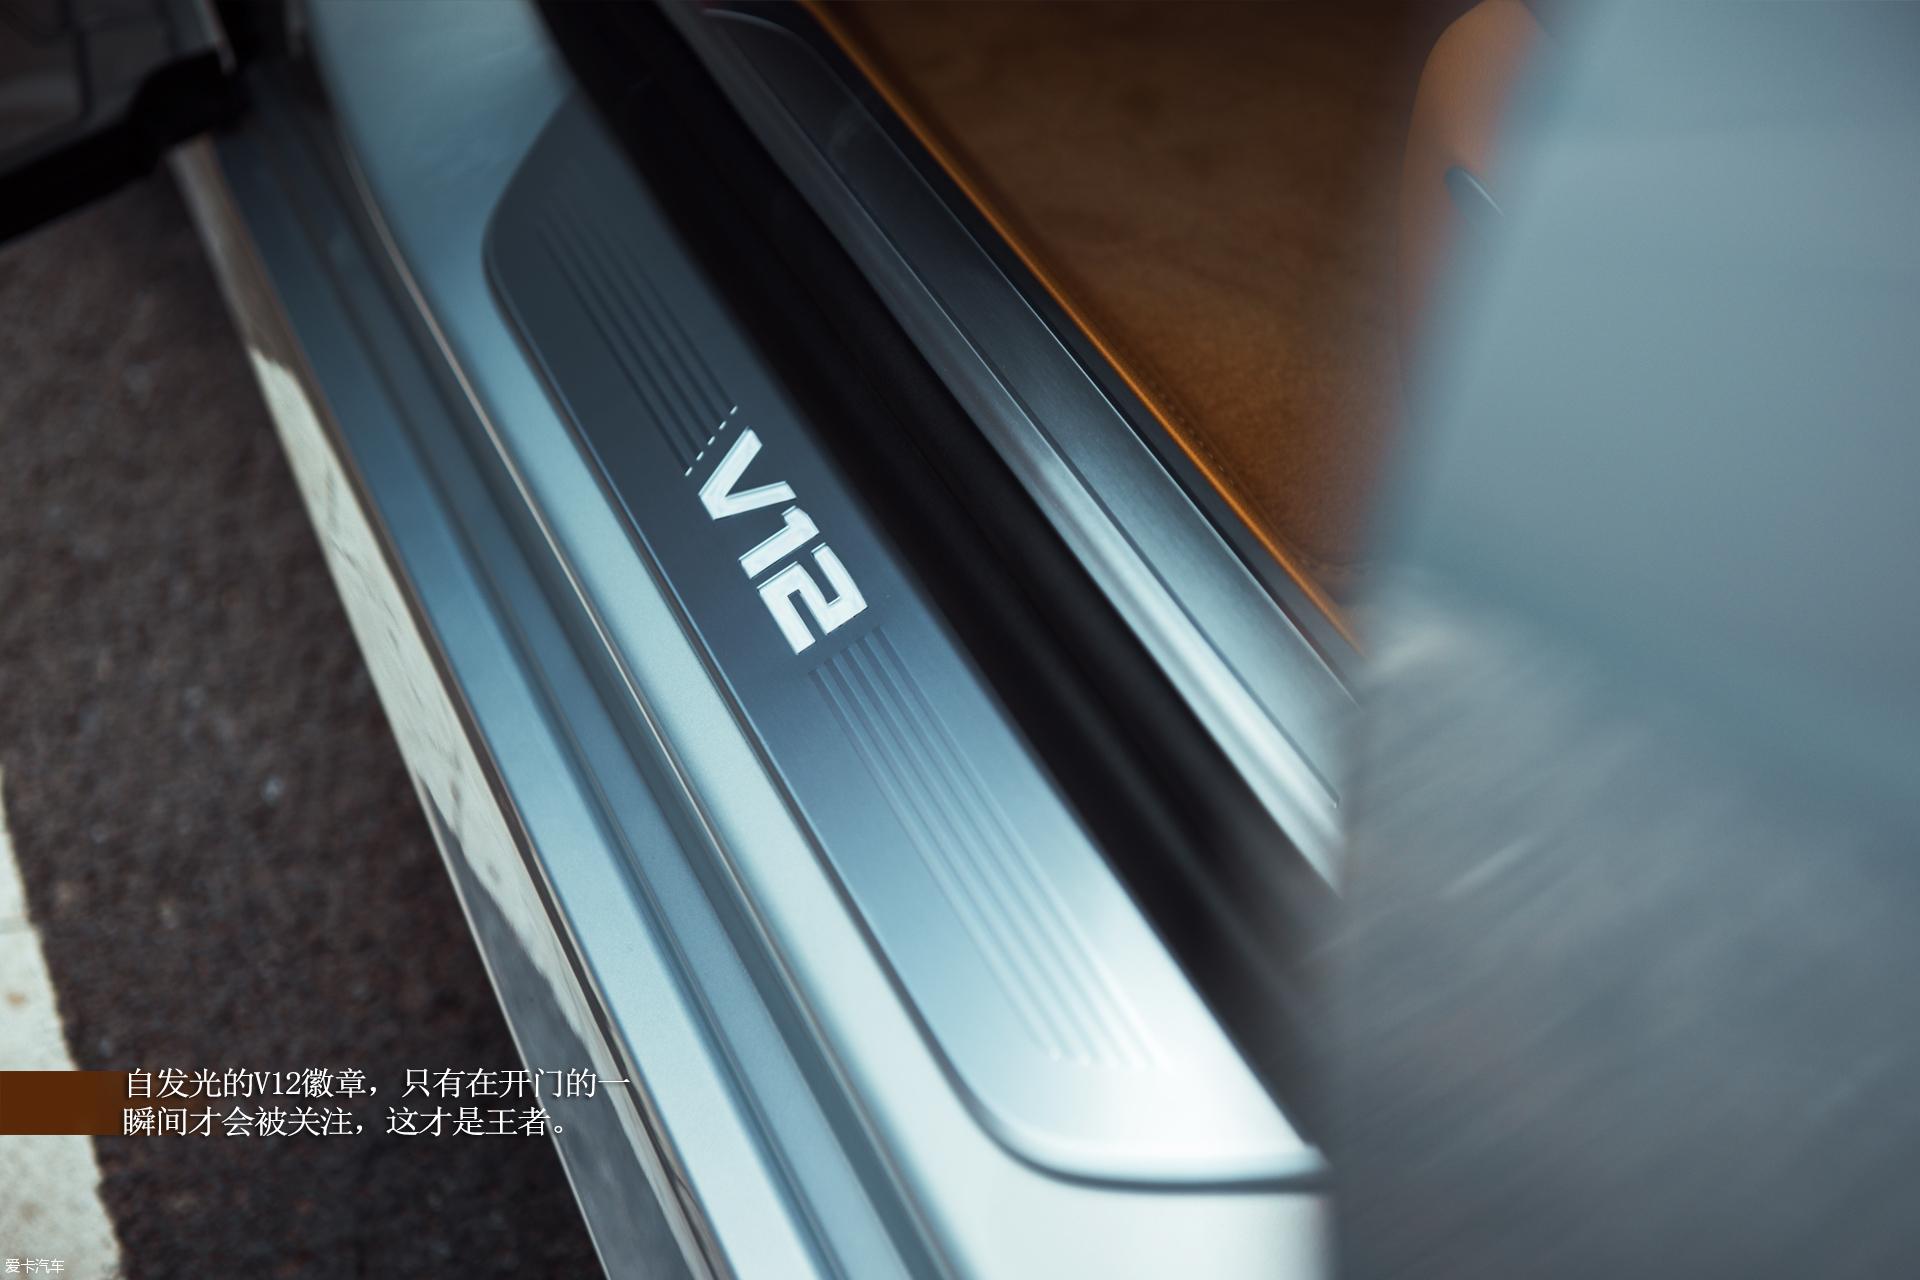 X-View47ÆÚ ¾ýÁÙÌìϱ¦ÂíM760Li xDrive18/23_°®¿¨Æû³µÍø